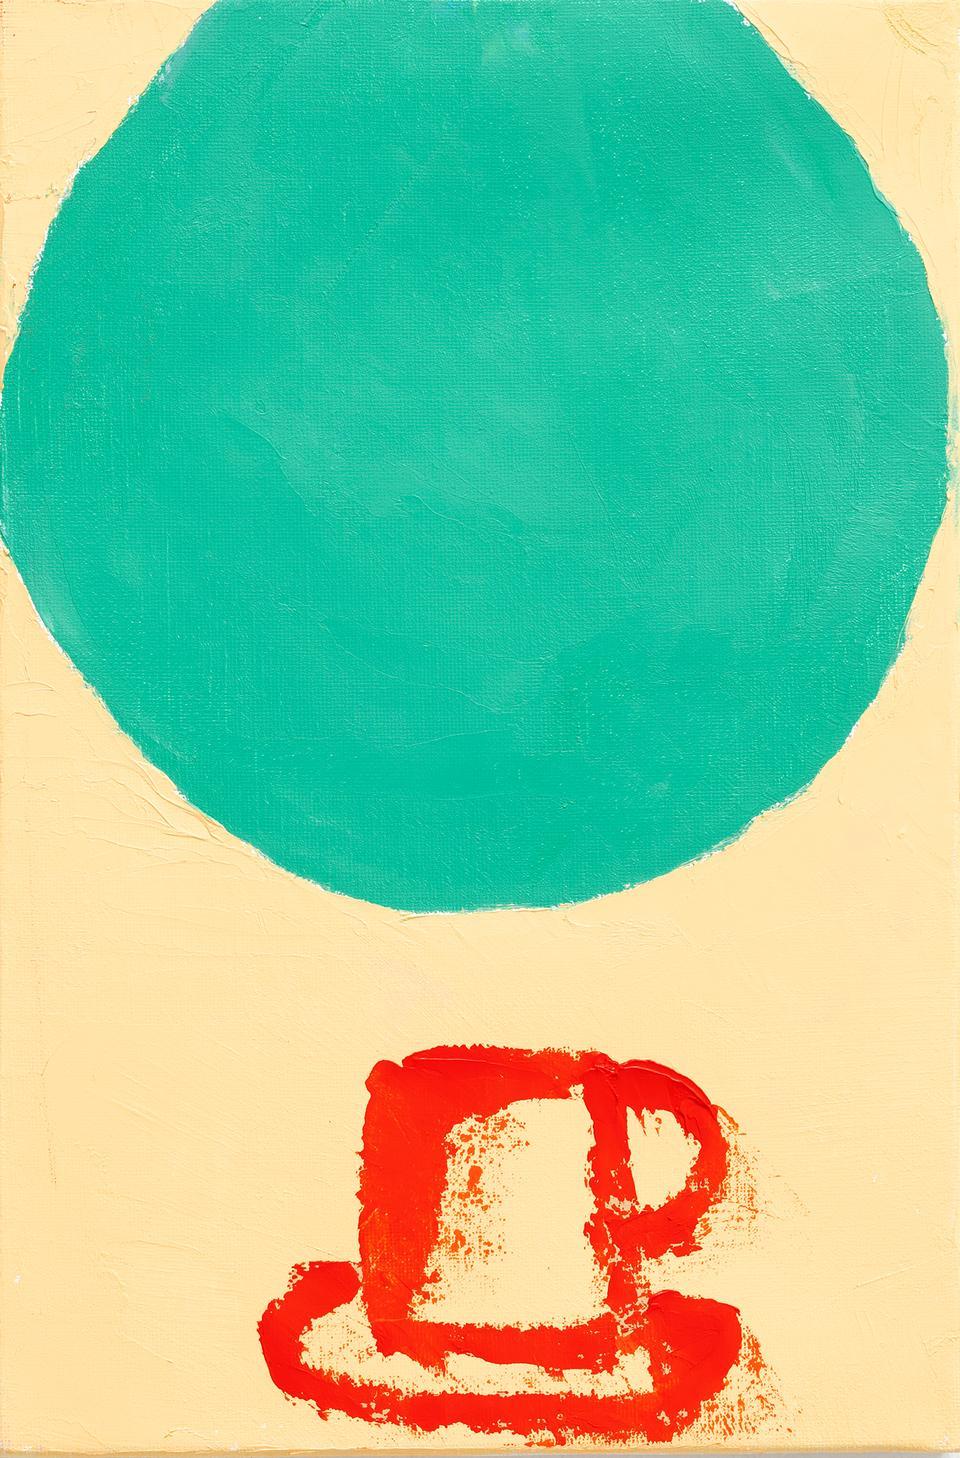 Planète (Planet) 28, 2020. Oil on canvas, 33.5 x 22.5 cm.